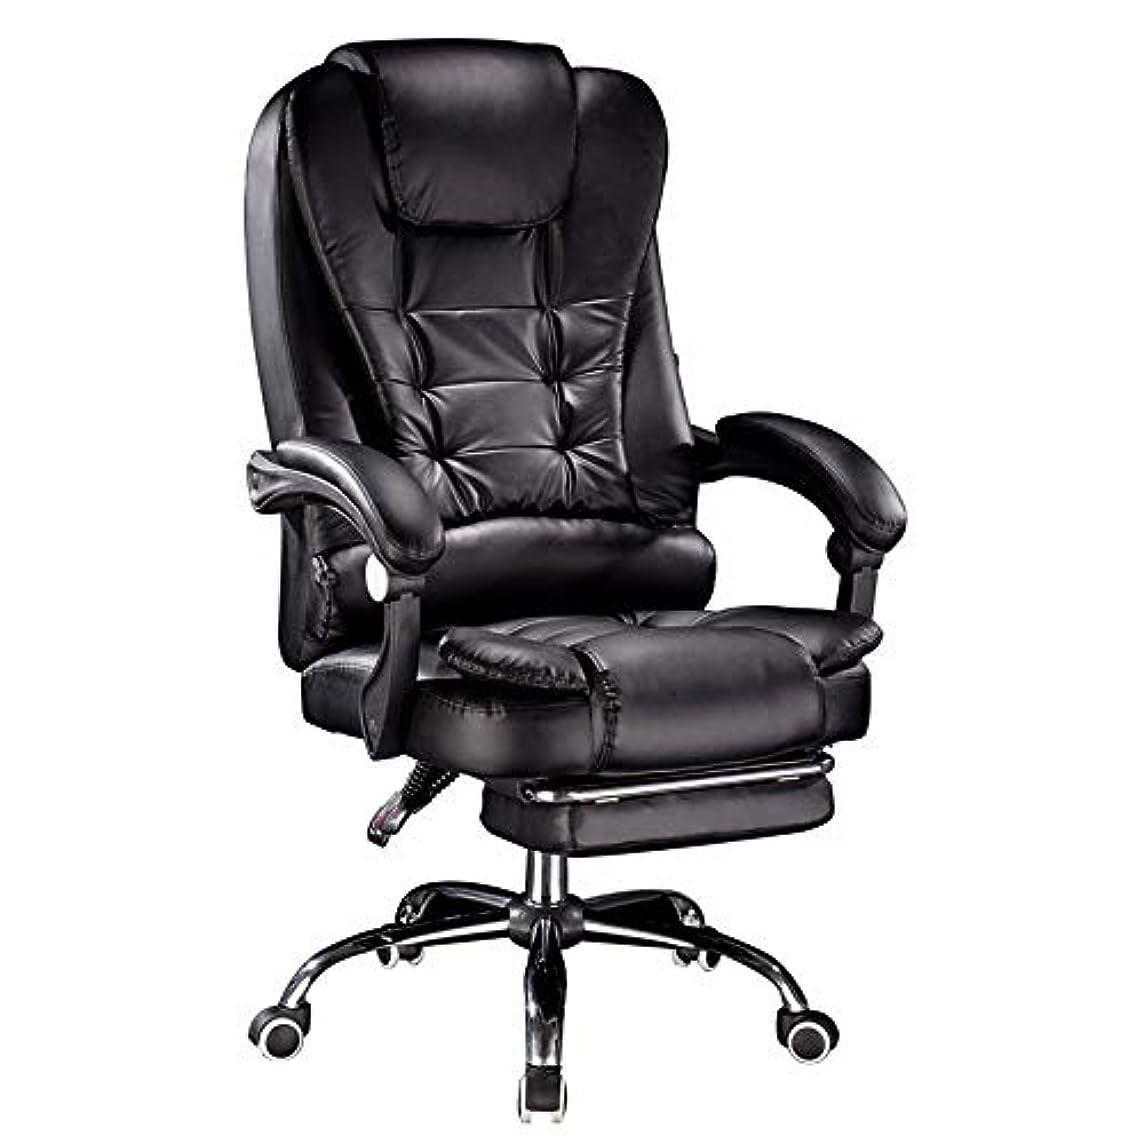 シンボル解釈定常LJFYXZ 社長椅子 肉厚クッション 事務椅子 チルトとマッサージ機能 足置き付 上下昇降機能 レザーチェア (Color : Black)